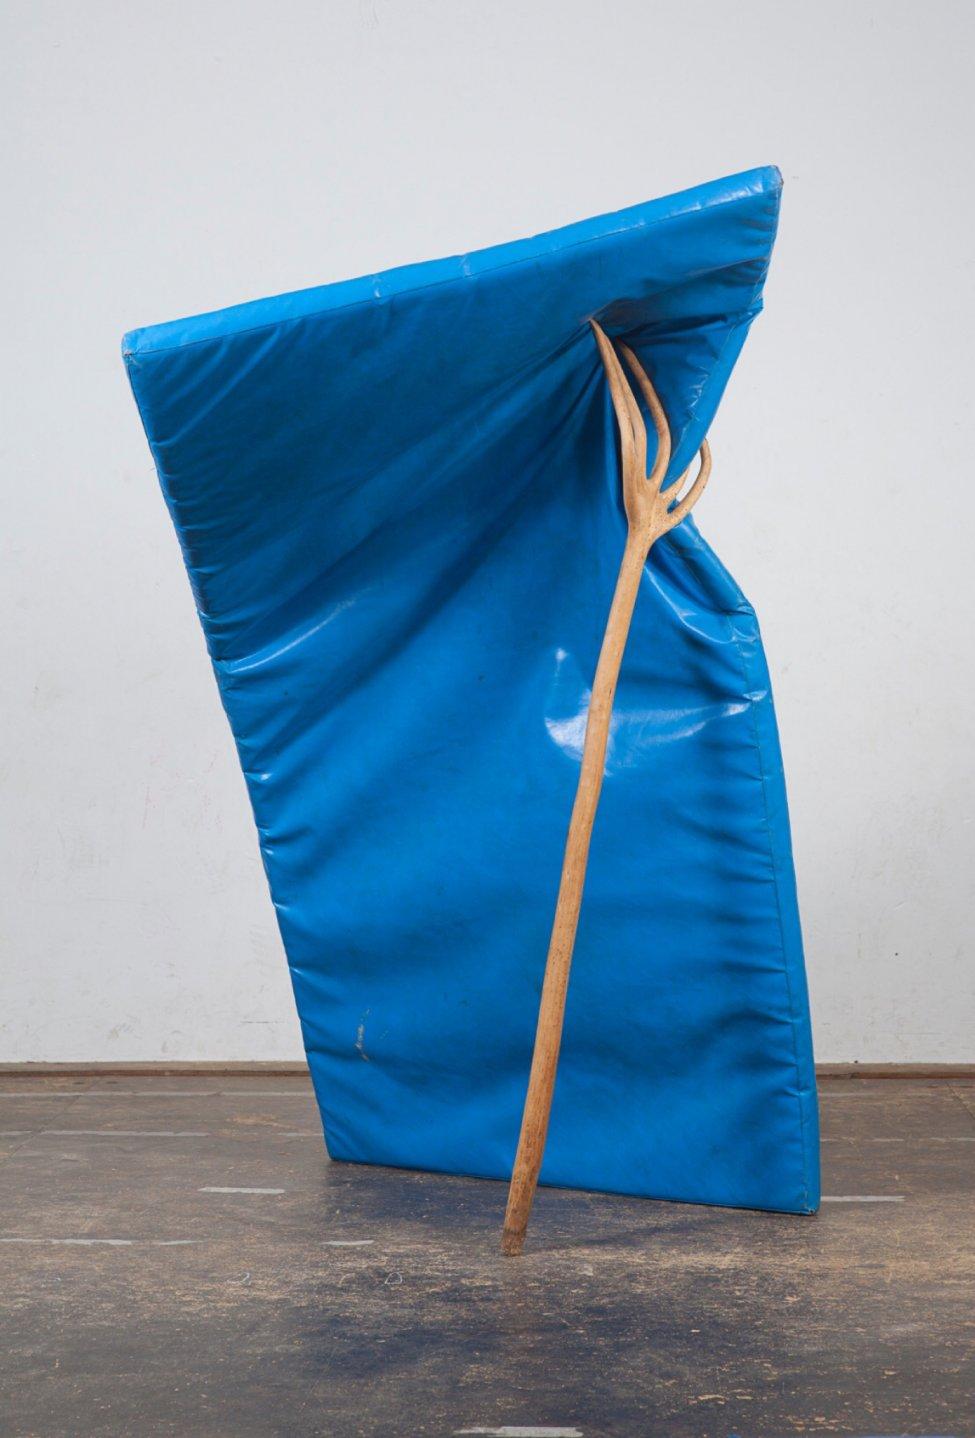 S/T (colchoneta y horca) (2016) - Arturo Comas